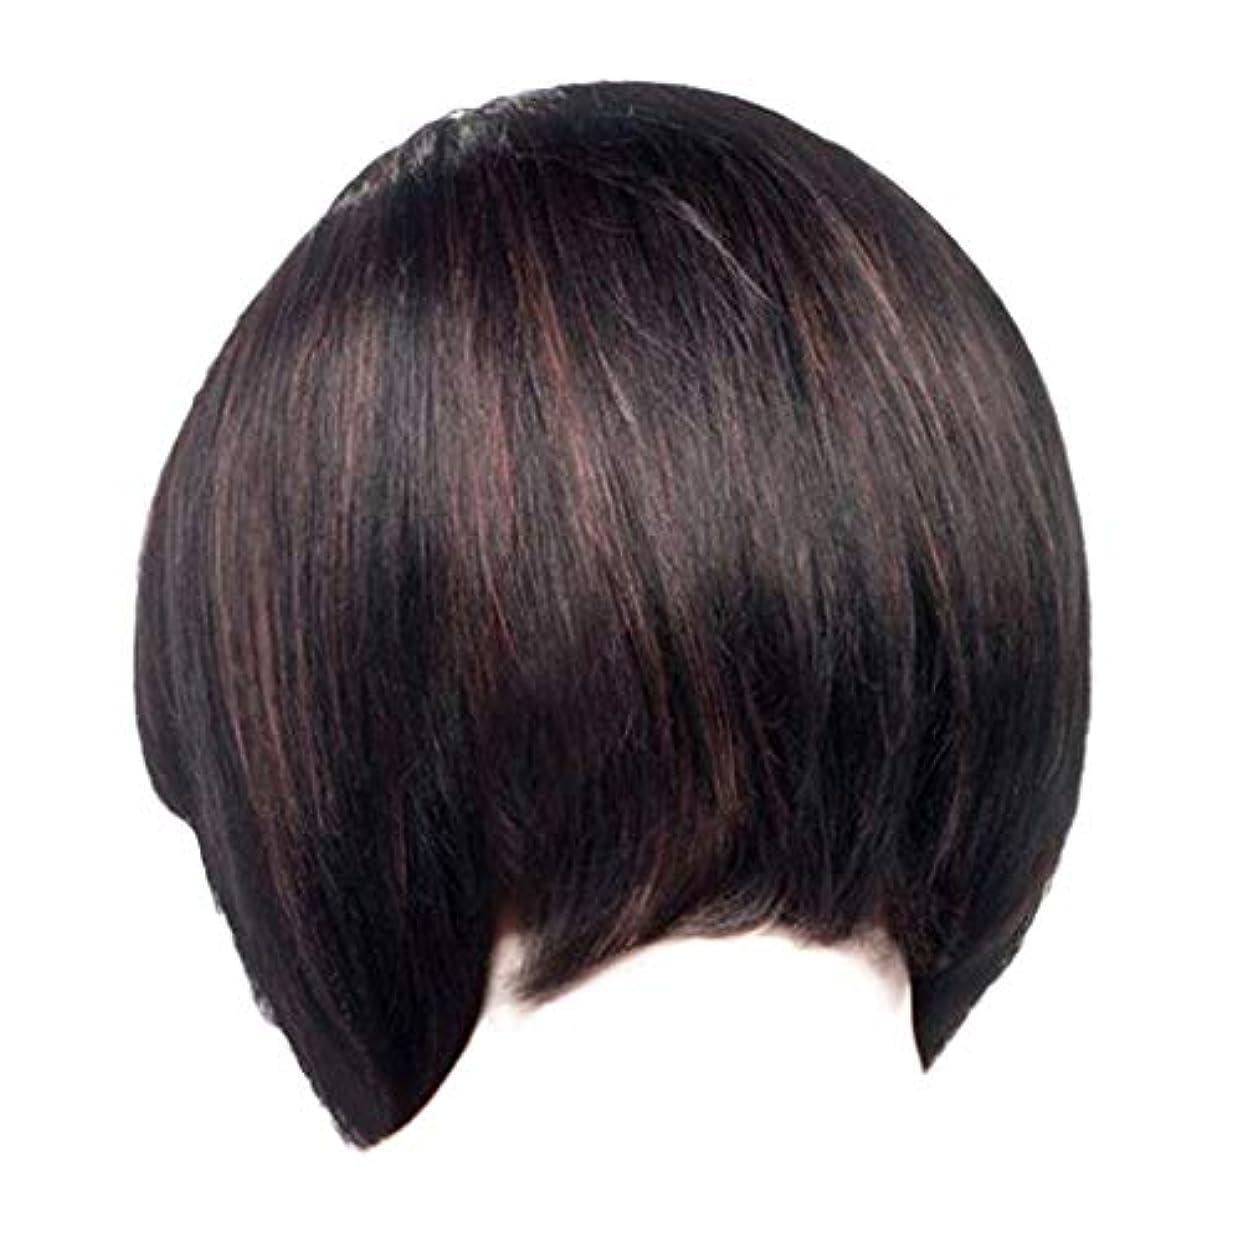 悪性の魅力的代表するウィッグレディースファッションブラックショートストレートヘアナチュラルウィッグローズヘアネット